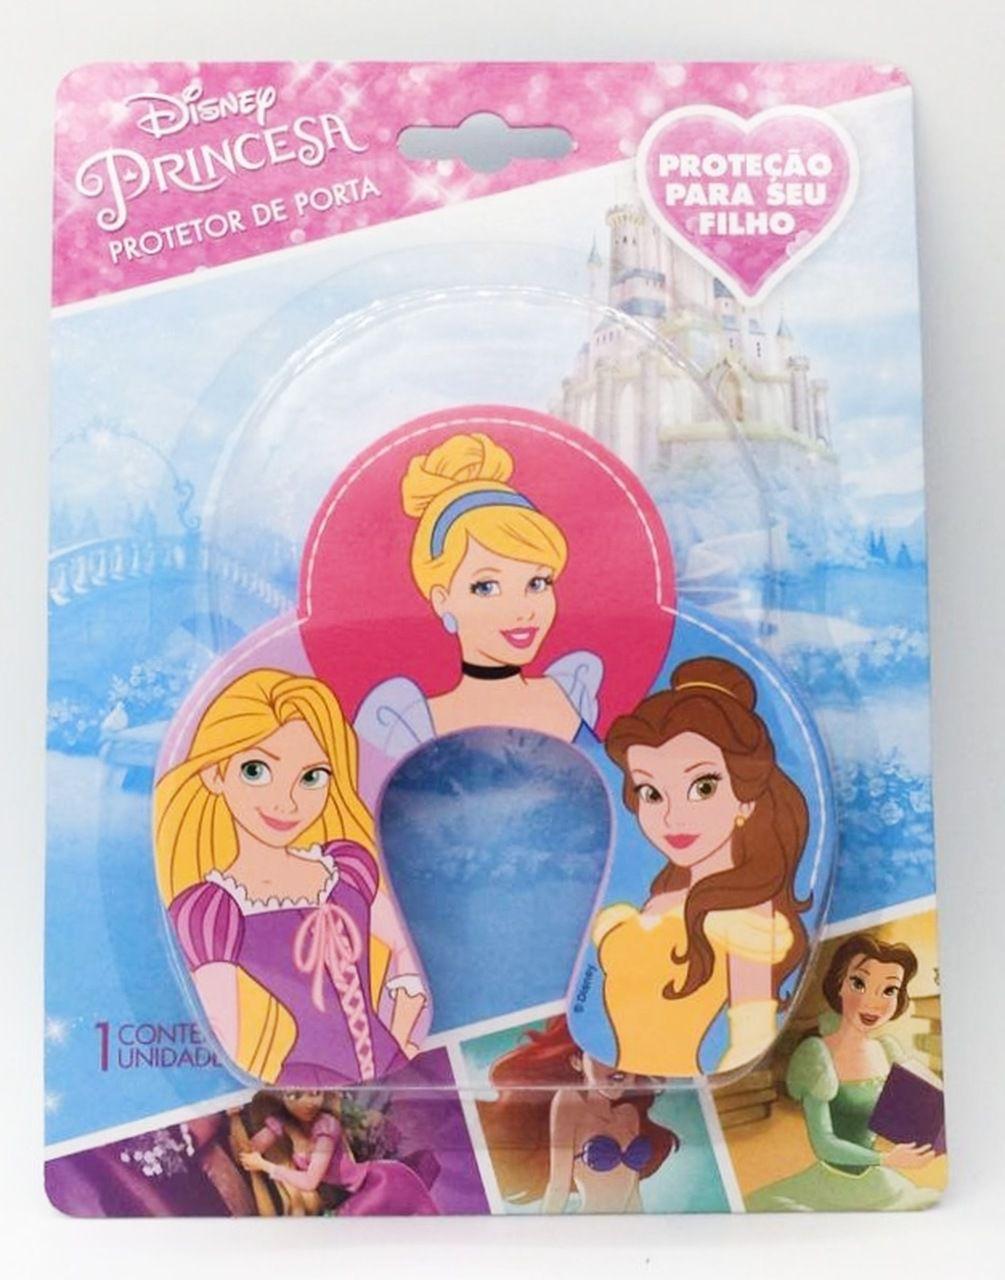 Protetor De Porta Princesas - Disney